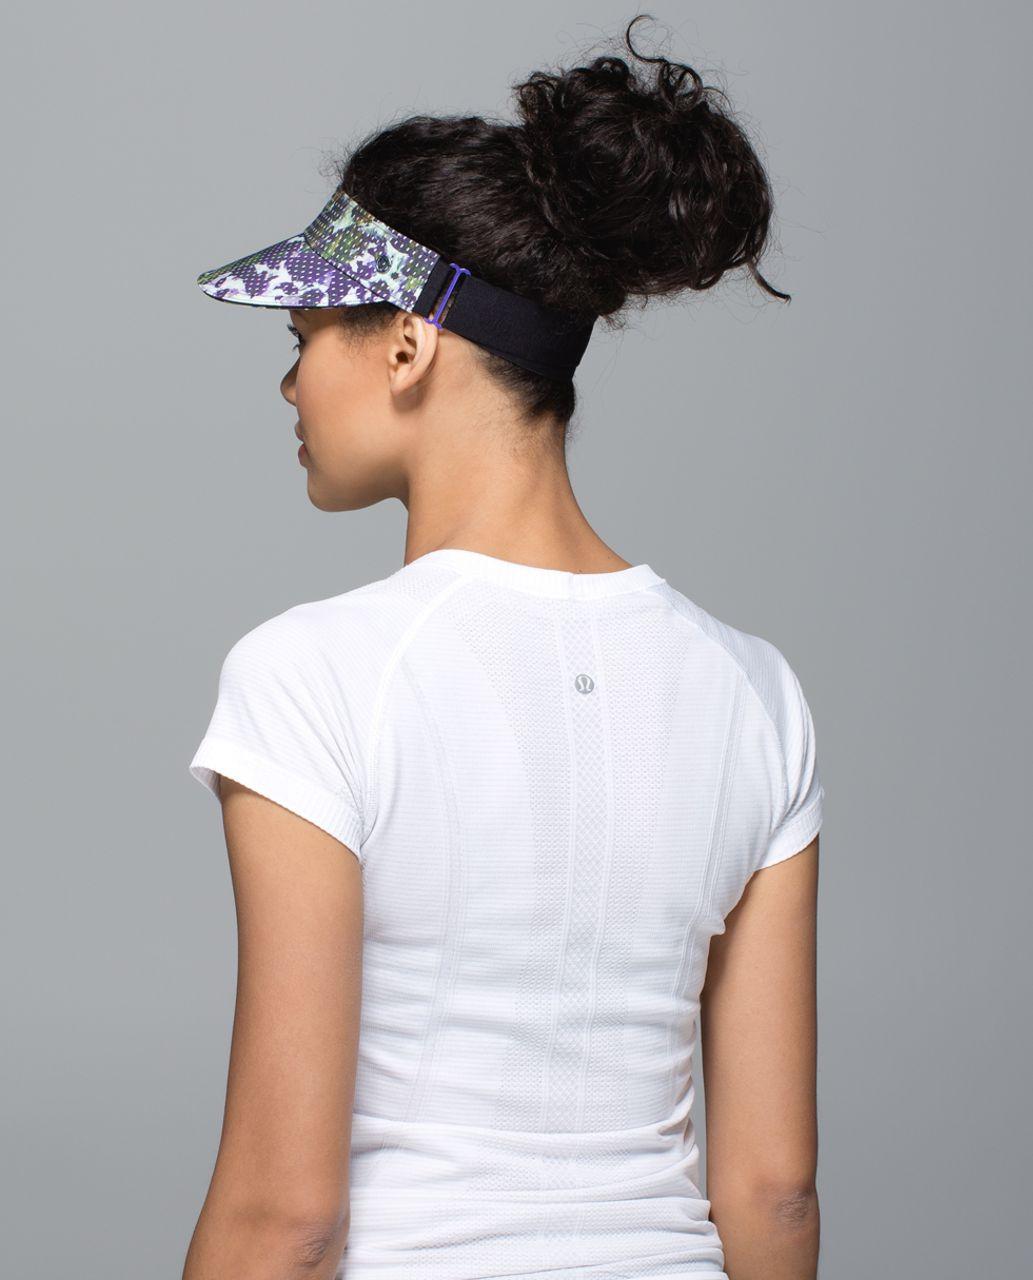 Lululemon Fast Paced Run Visor - Floral Sport White Multi / Black